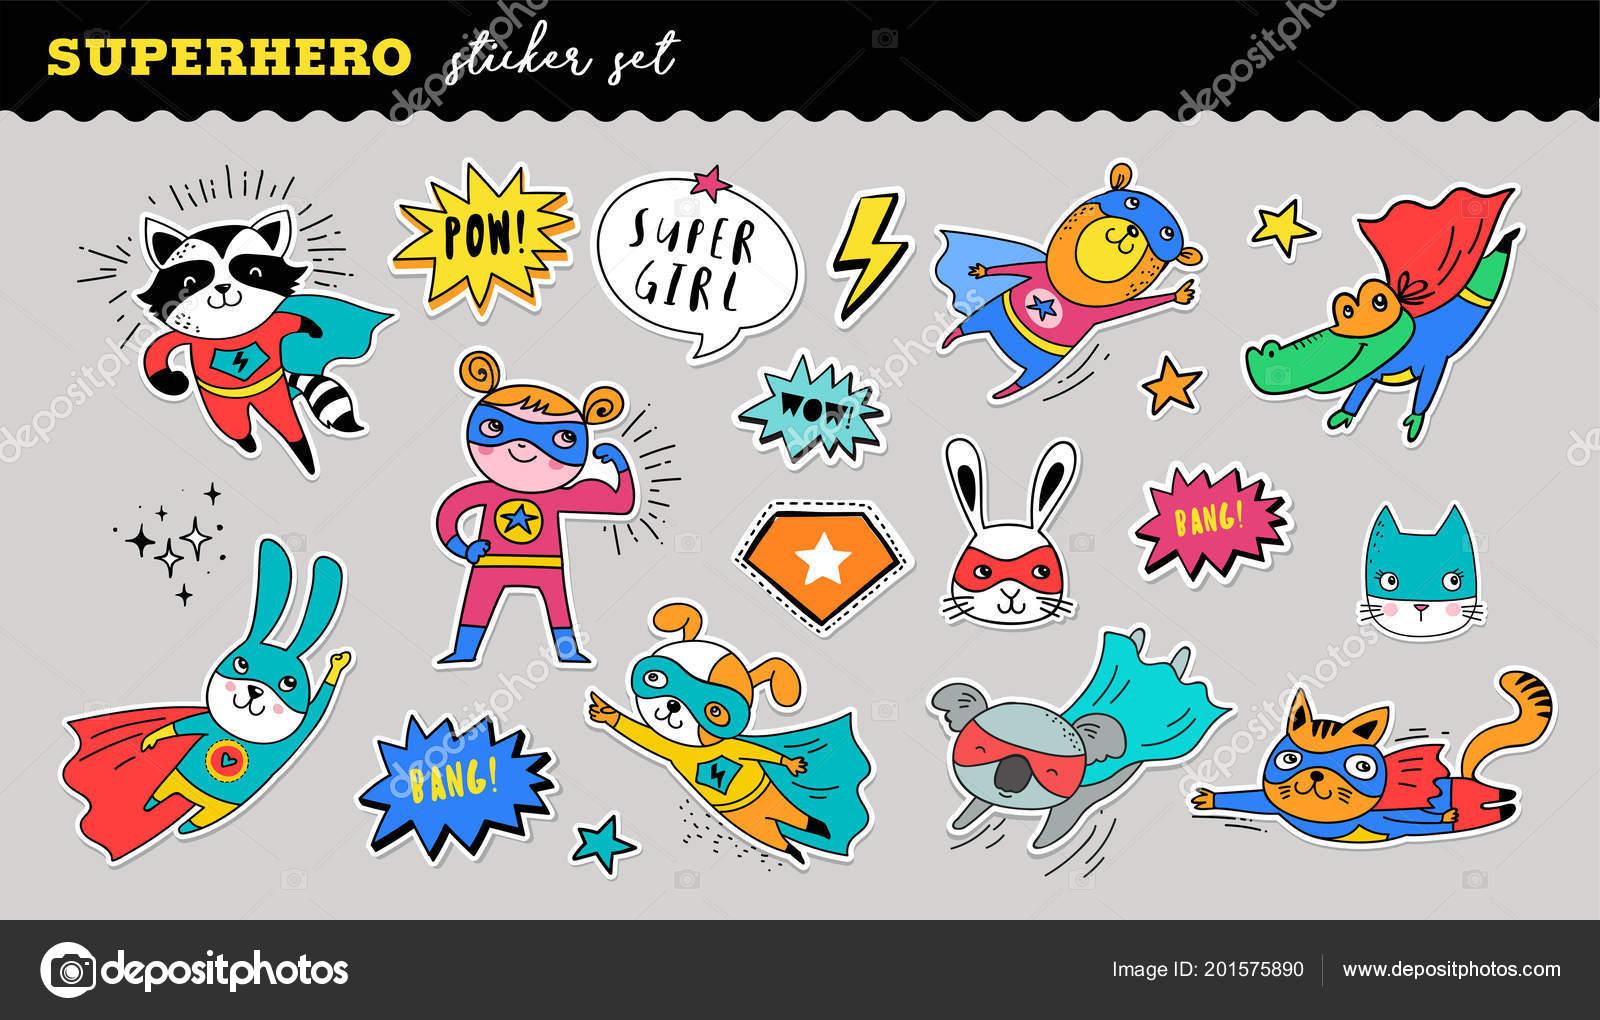 Superhero niedliche Sticker Kollektion. Vektor handgezeichnete  Illustrationen 30